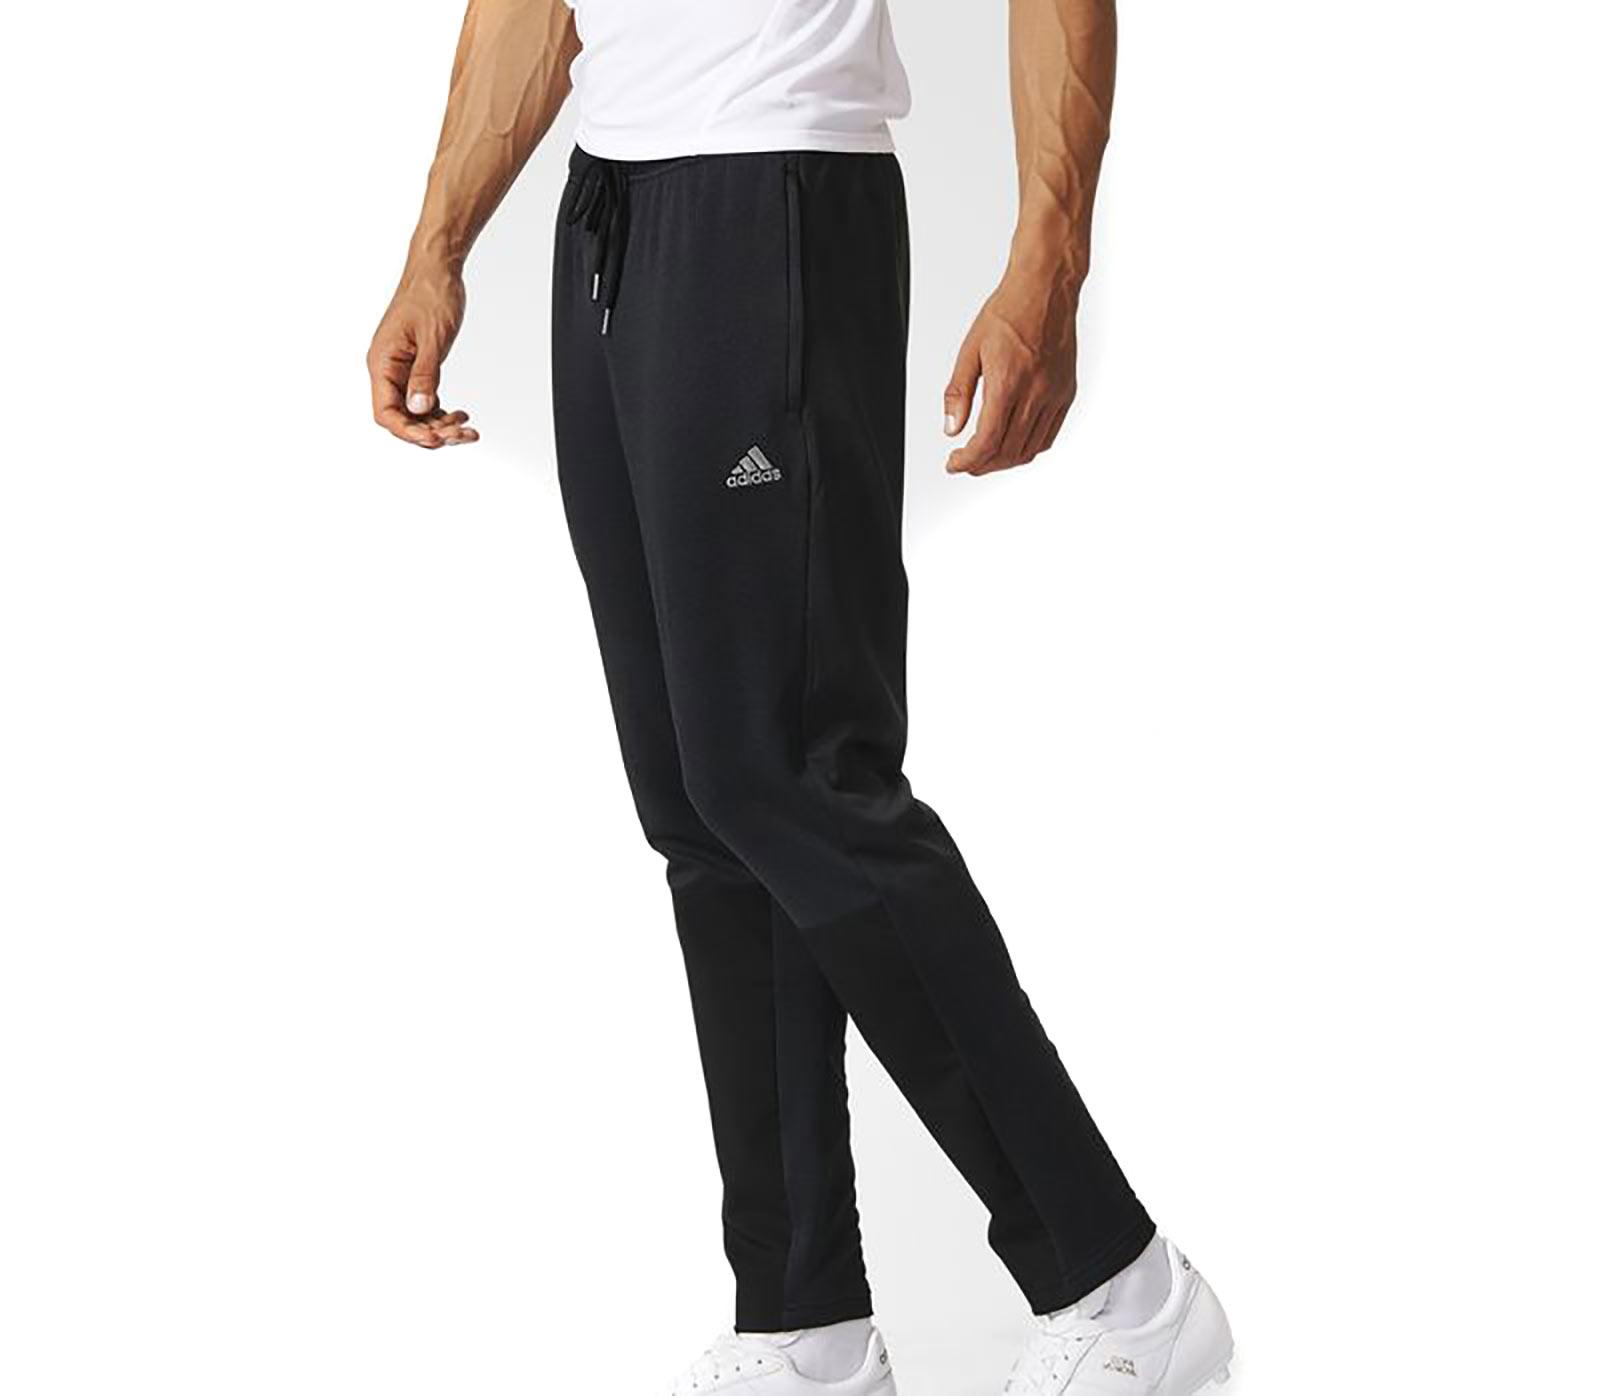 121a0a0534354 La imagen se está cargando Nuevo-Adidas-Mufc-Manchester-United-Entallado- Hombre-Pantalones-